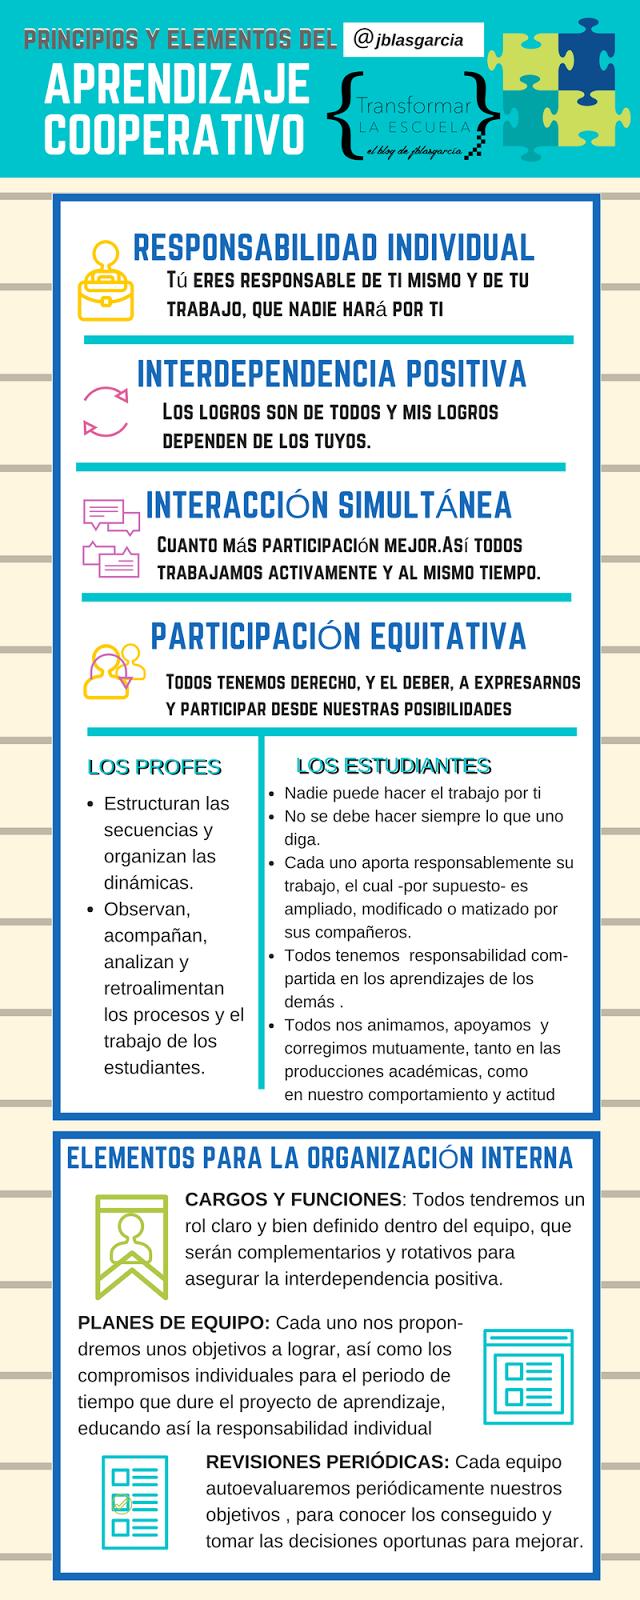 Principios y elementos fundamentales del Aprendizaje Cooperativo ...